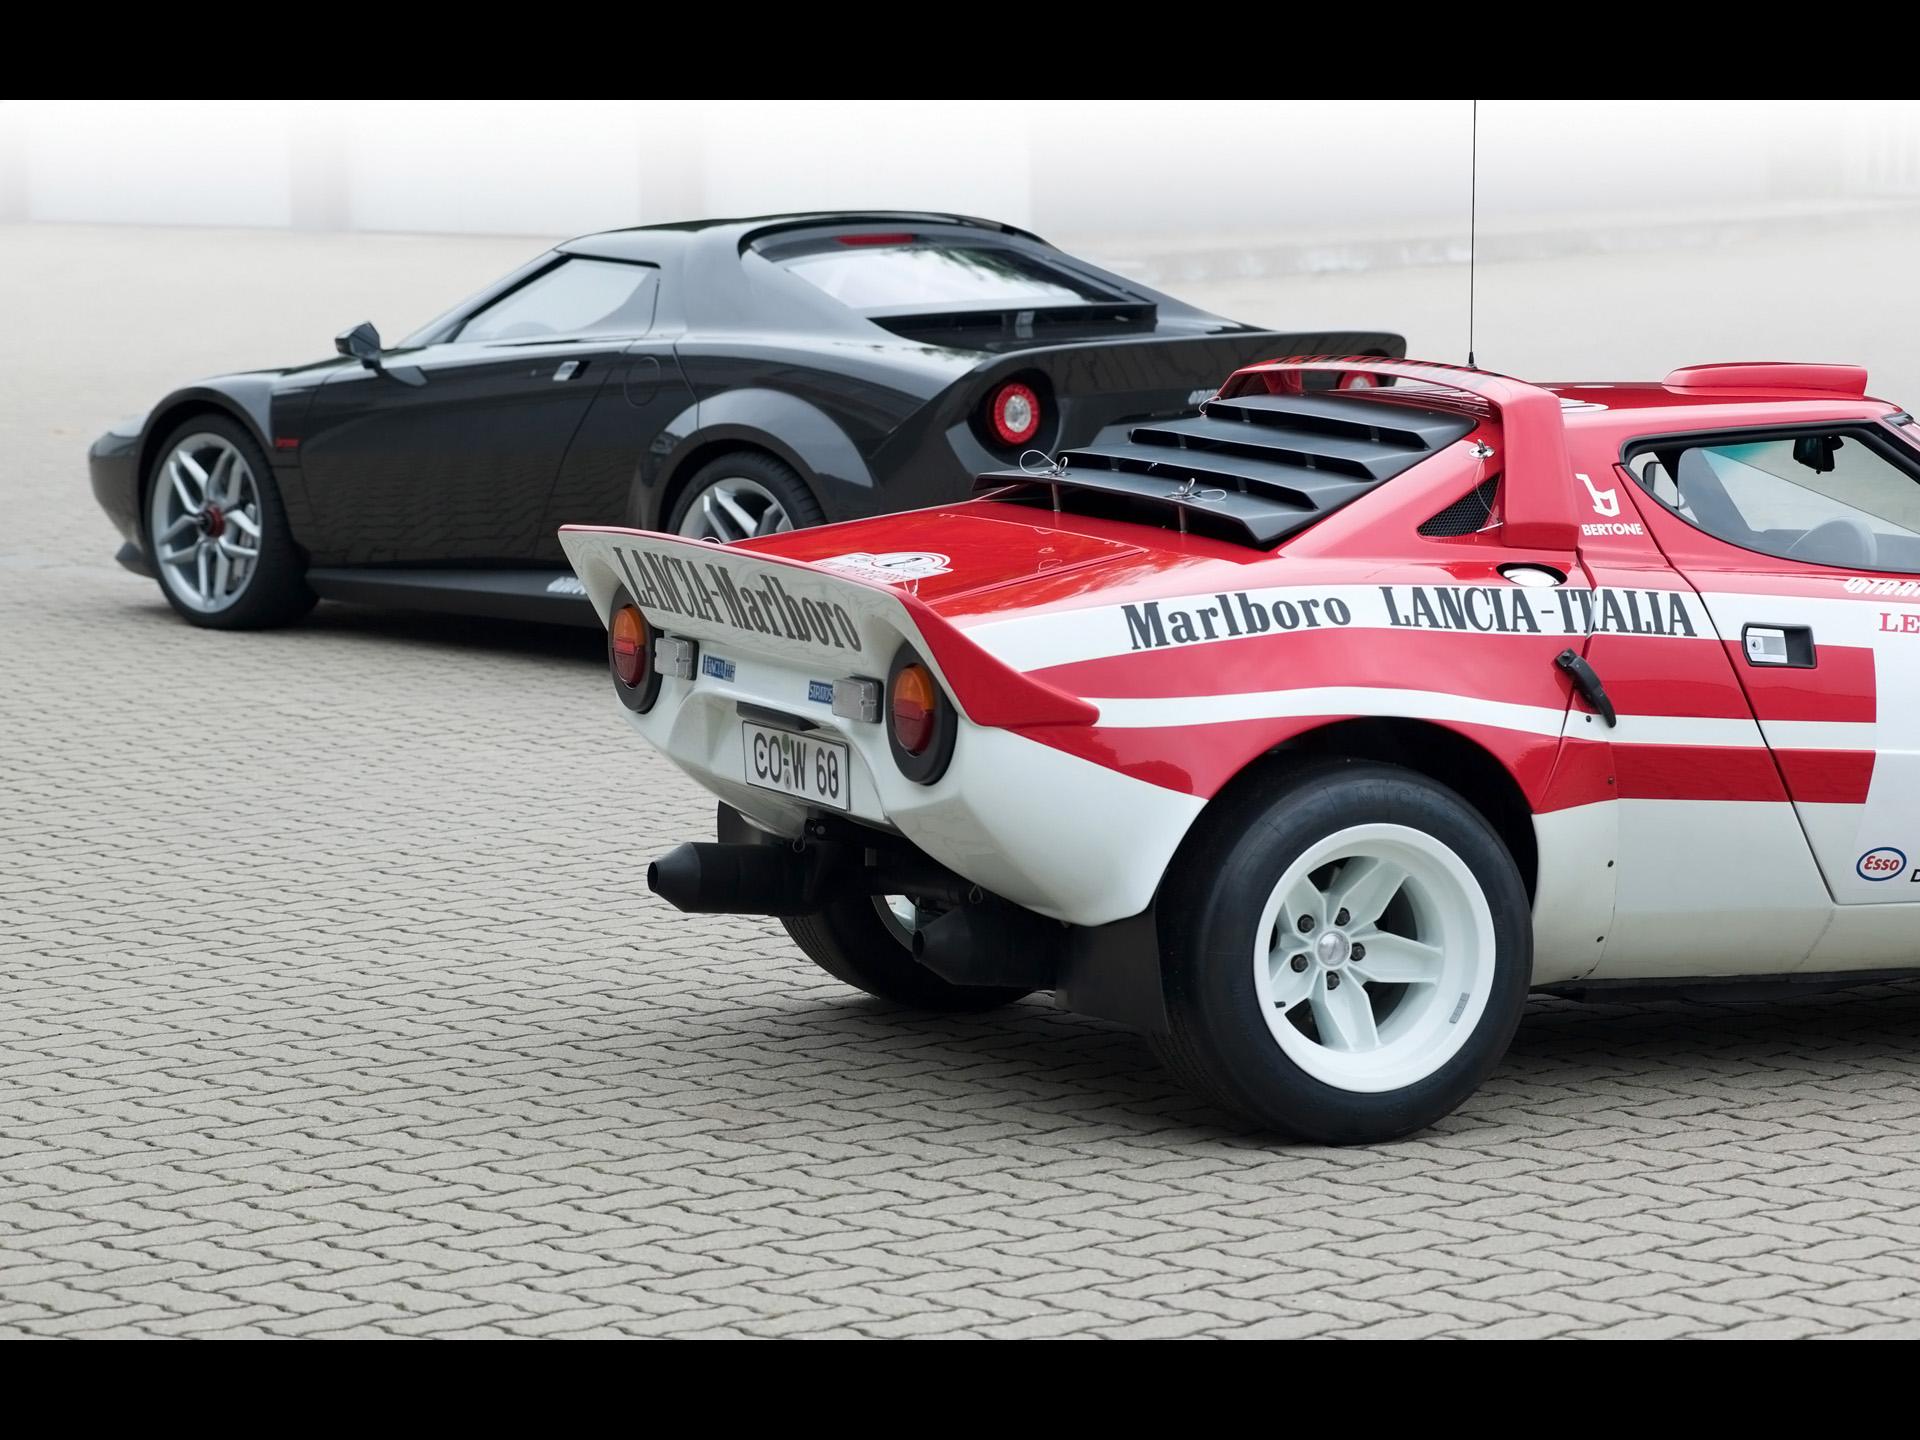 Lancia Stratos autos - 1920x1440